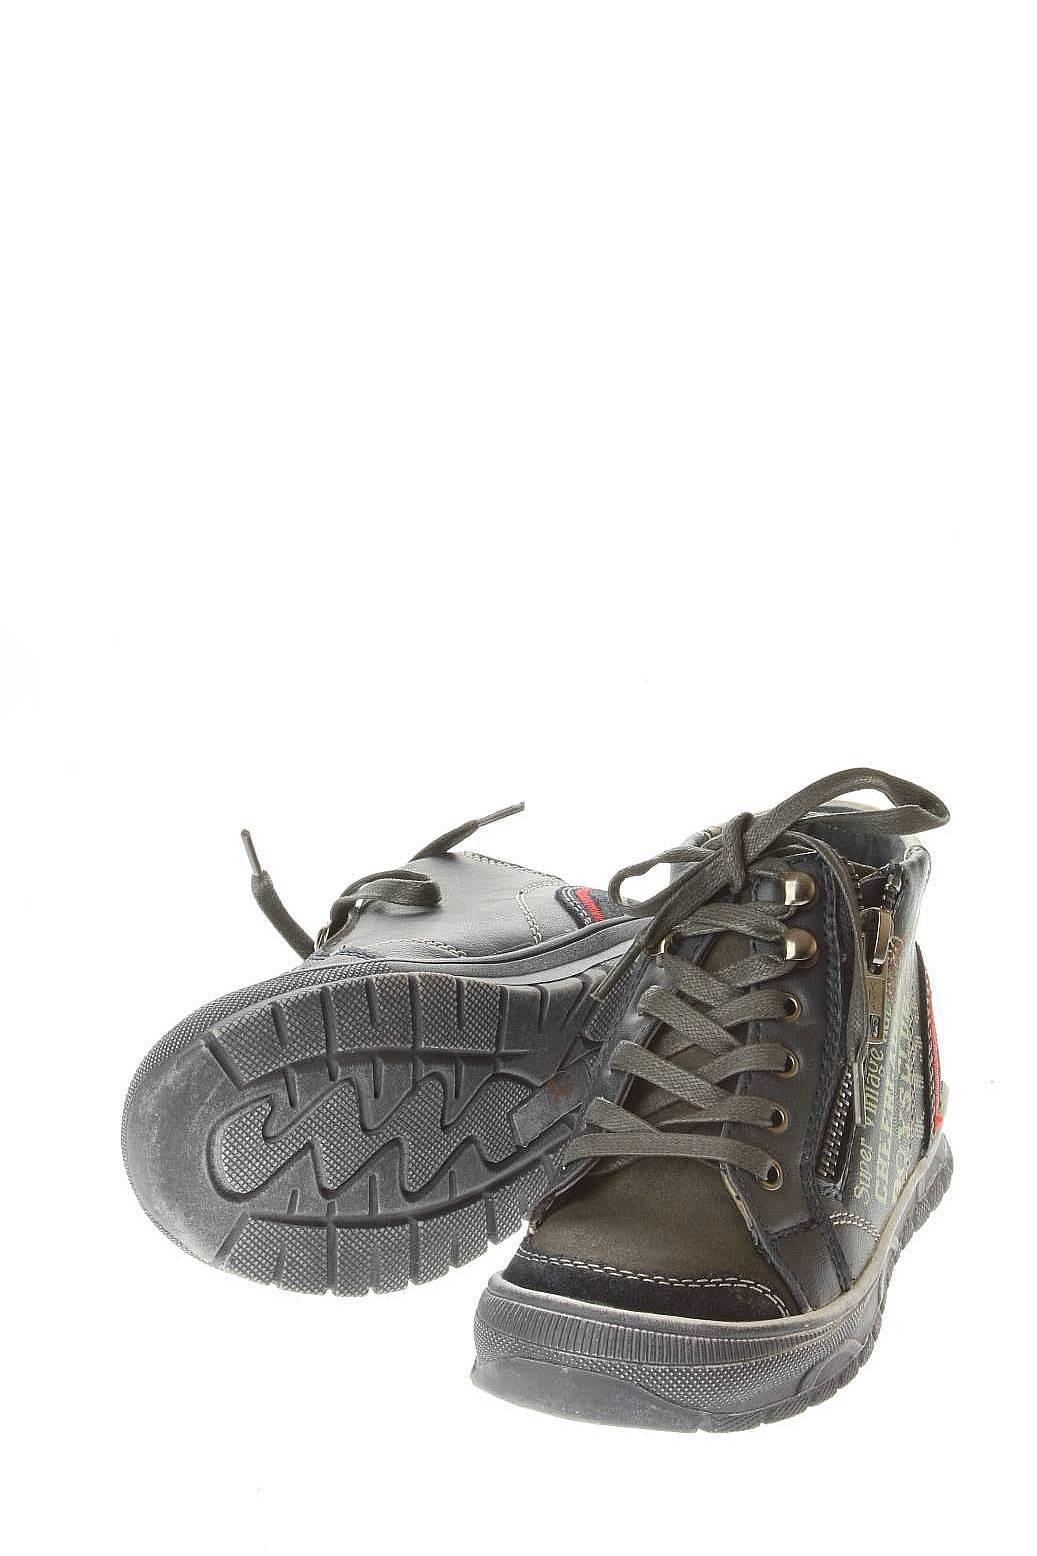 Мужская Обувь Детская Обувь Ботинки: Dummi Trend Обувь